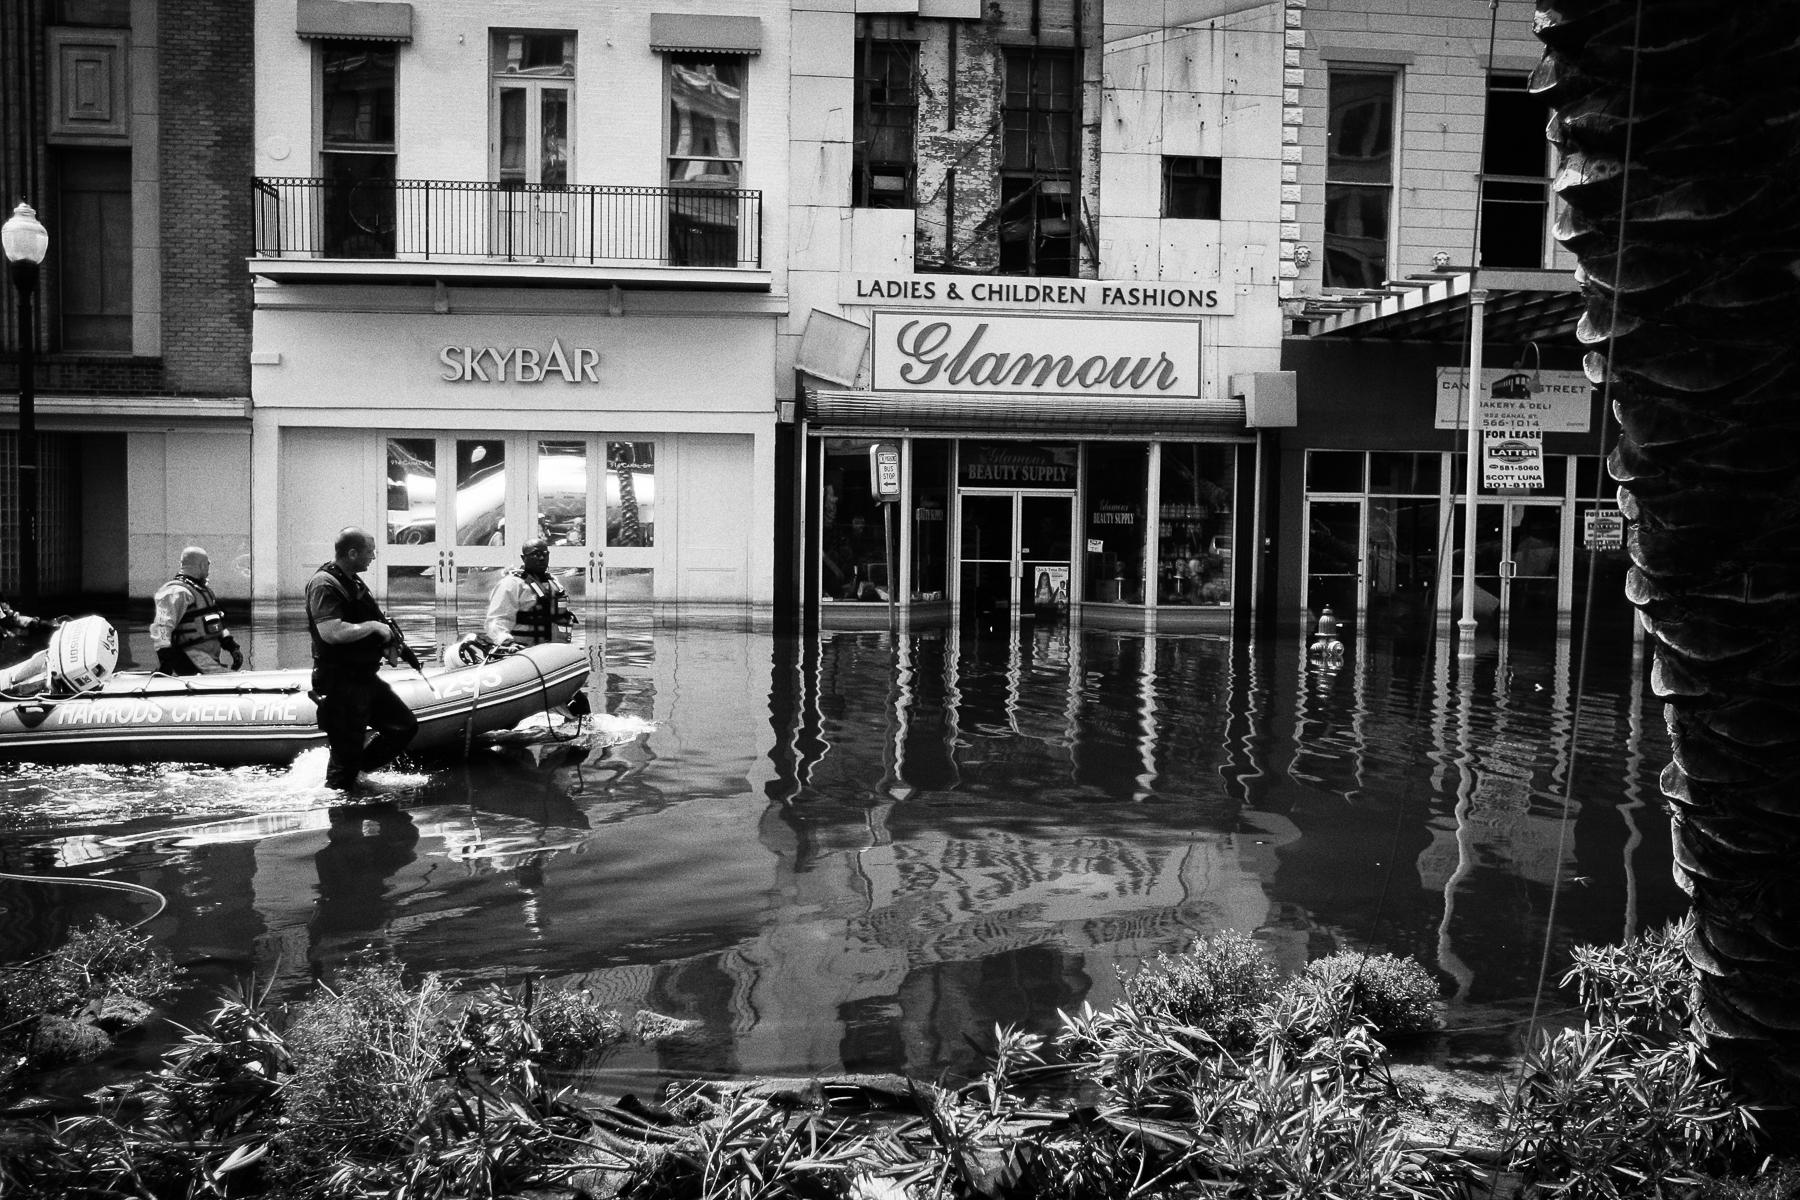 Nouvelle orlÈans innondations+le dome+cadavre.....